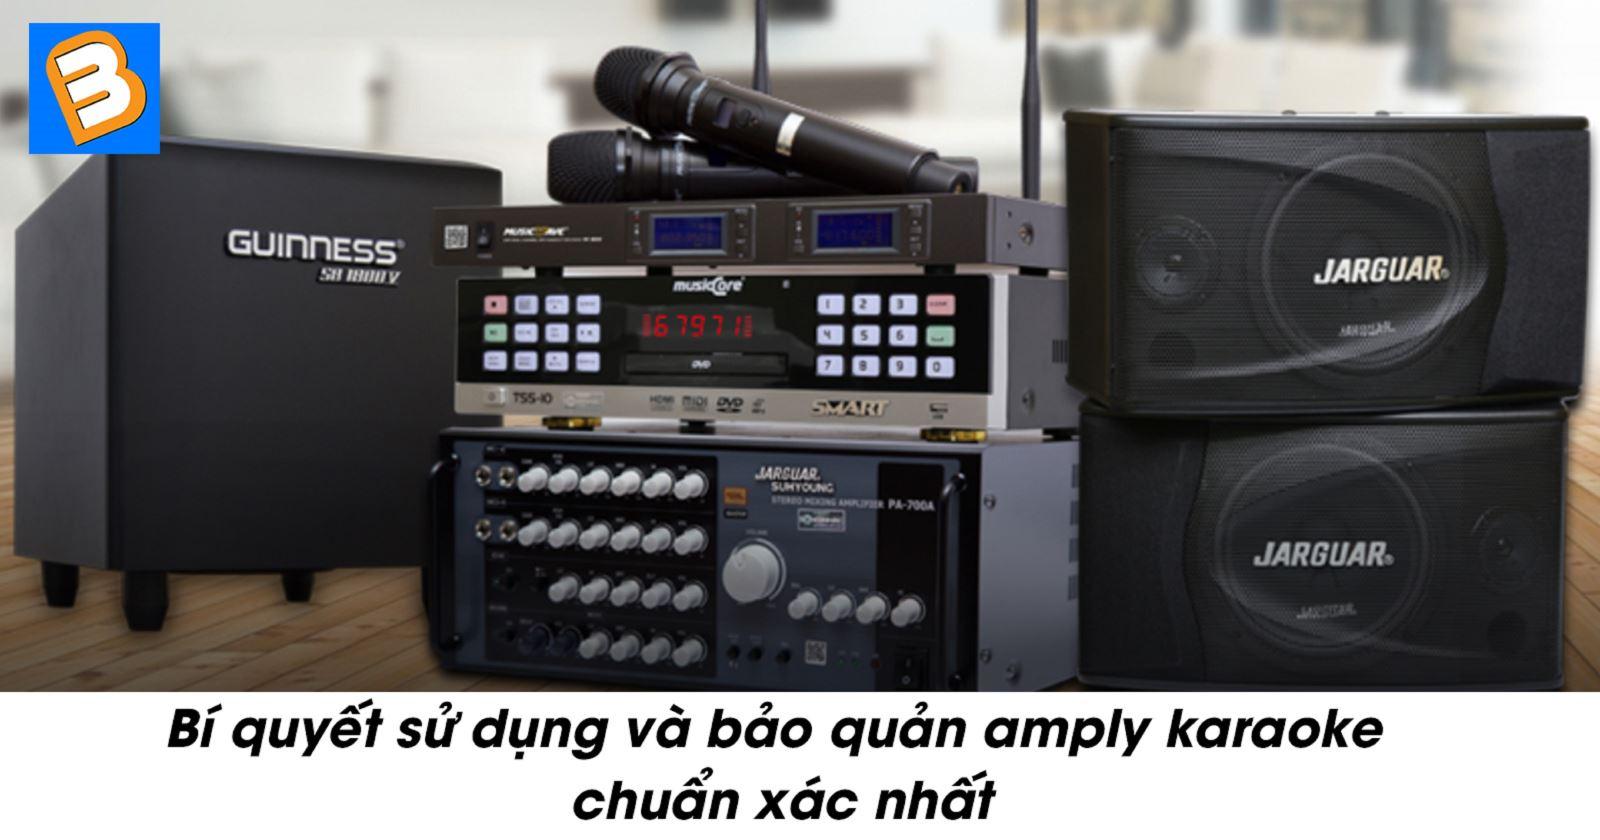 Bí quyết sử dụng và bảo quản amply karaoke chuẩn xác nhất